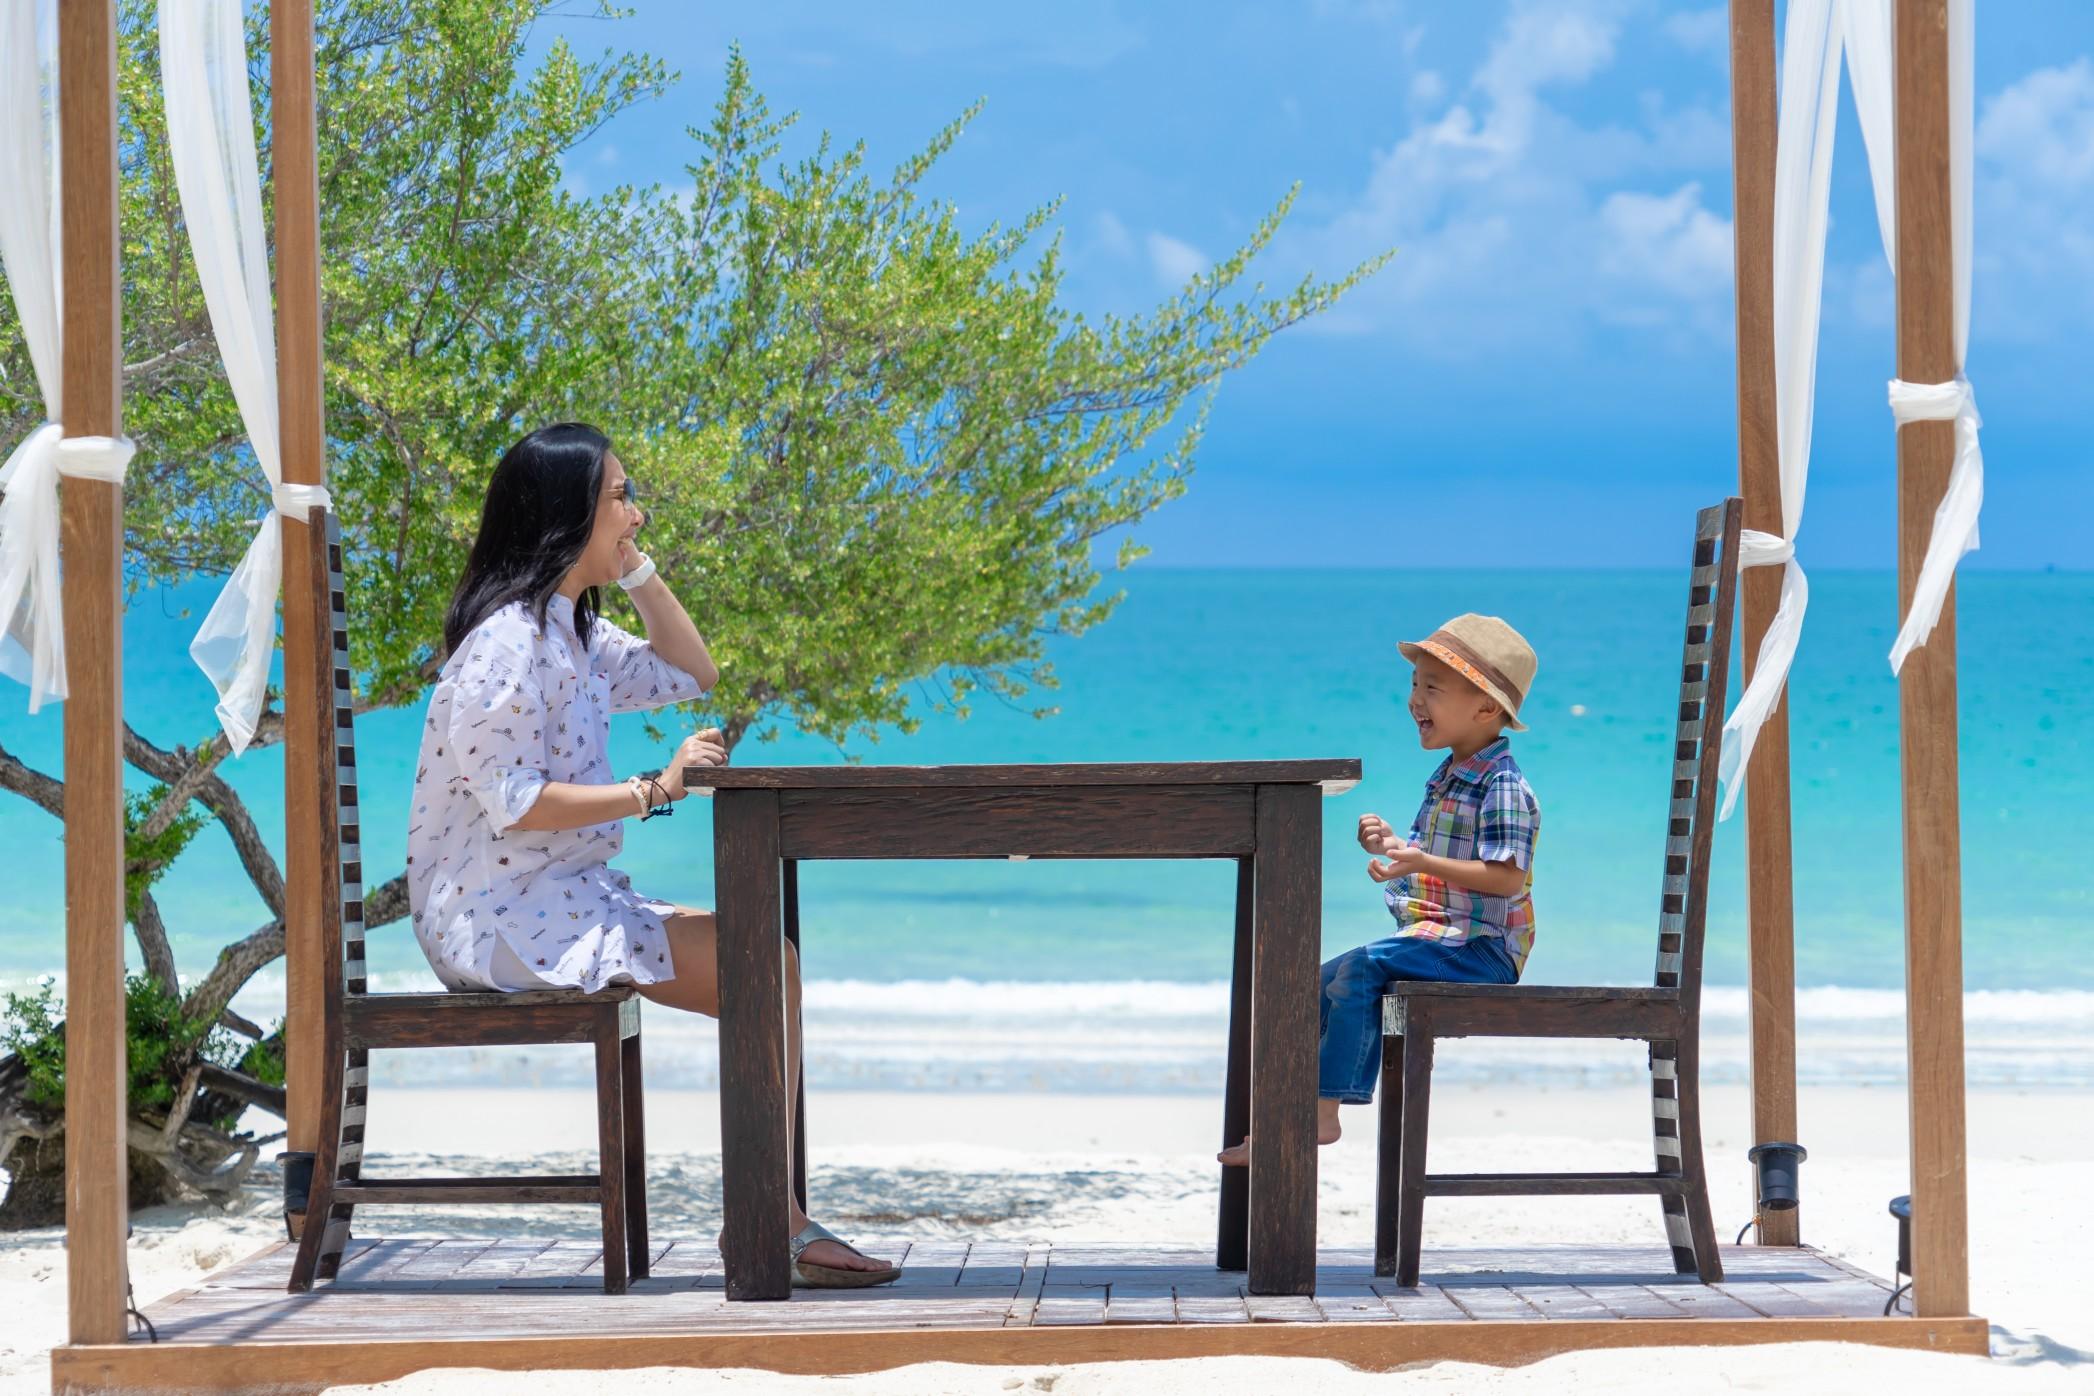 Best Luxury Beach Vacation Destinations